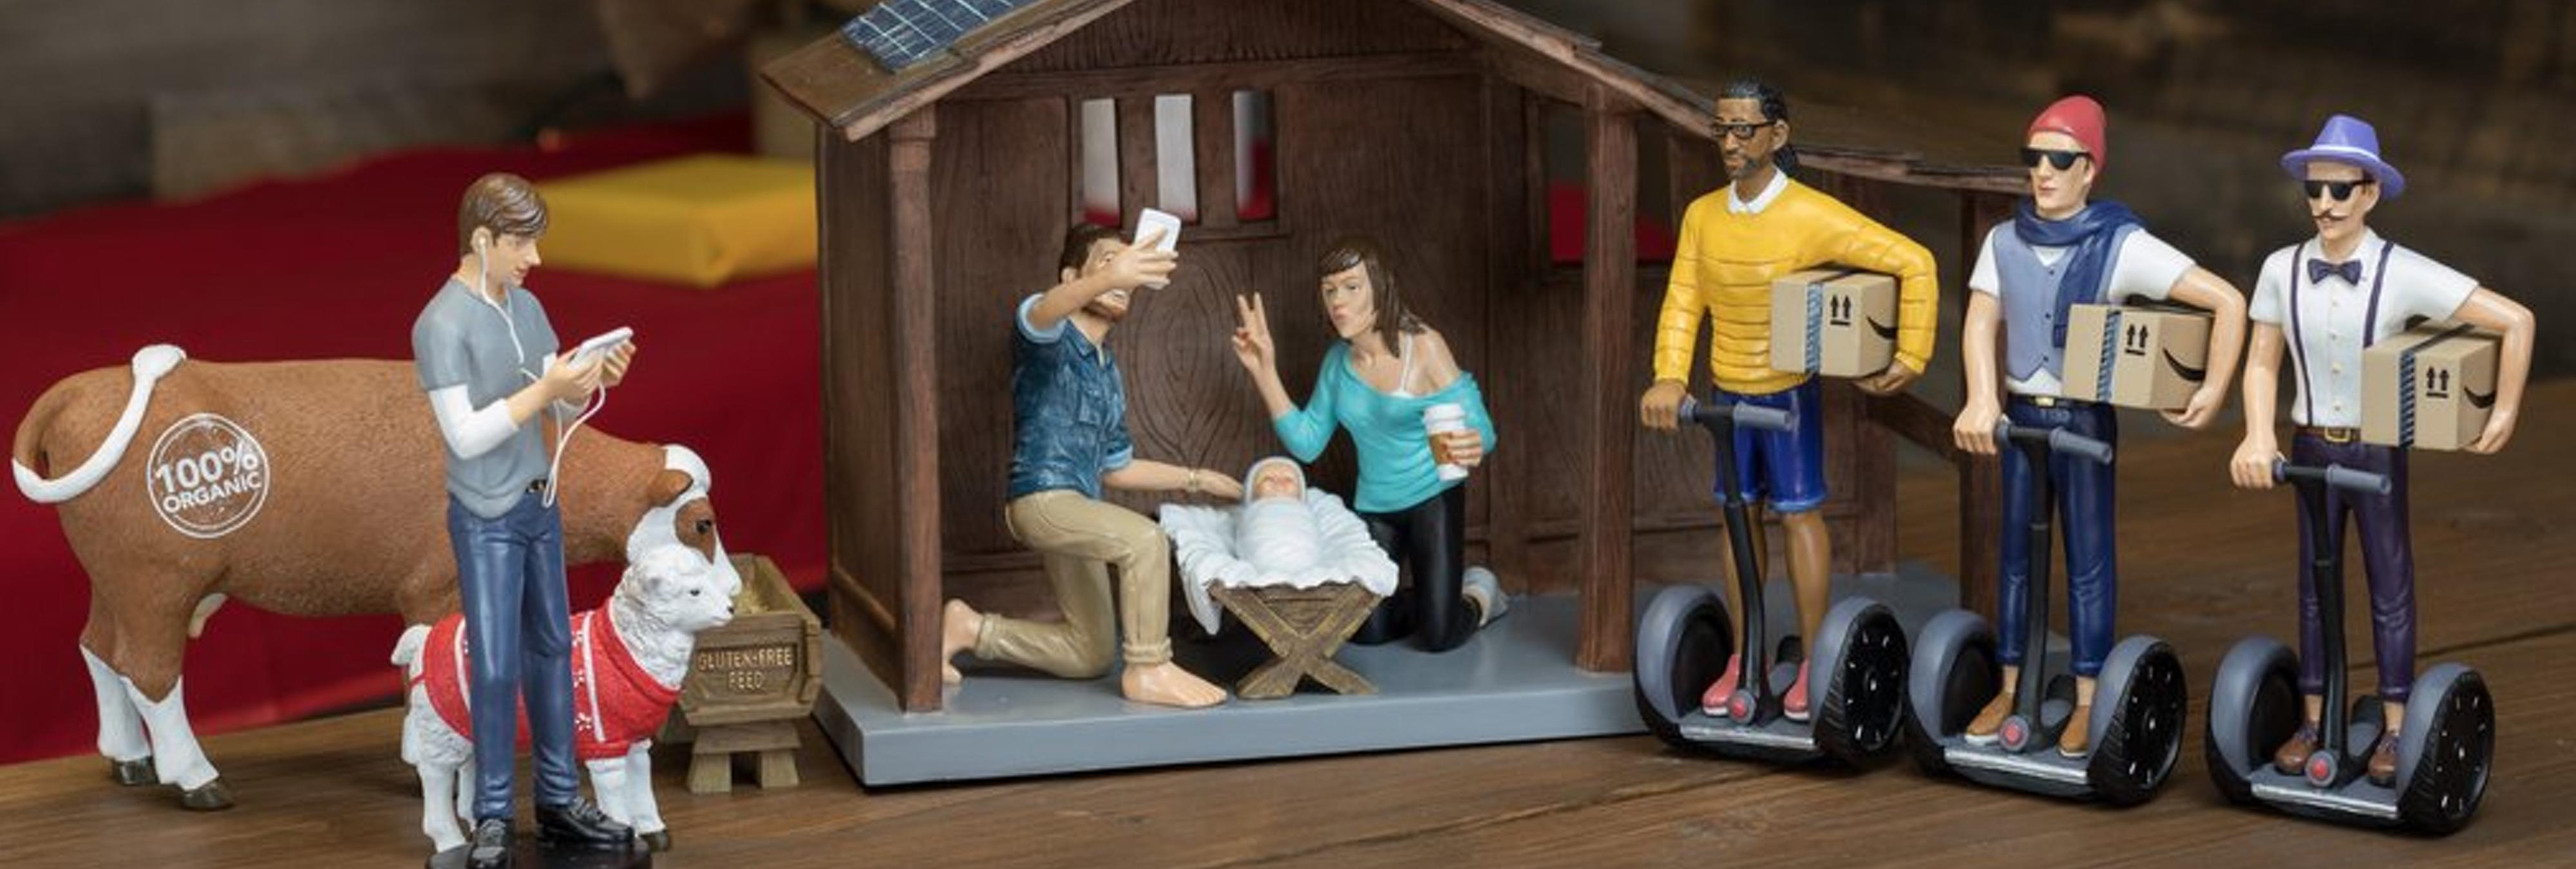 Así sería el Belén si Jesús naciese en 2016